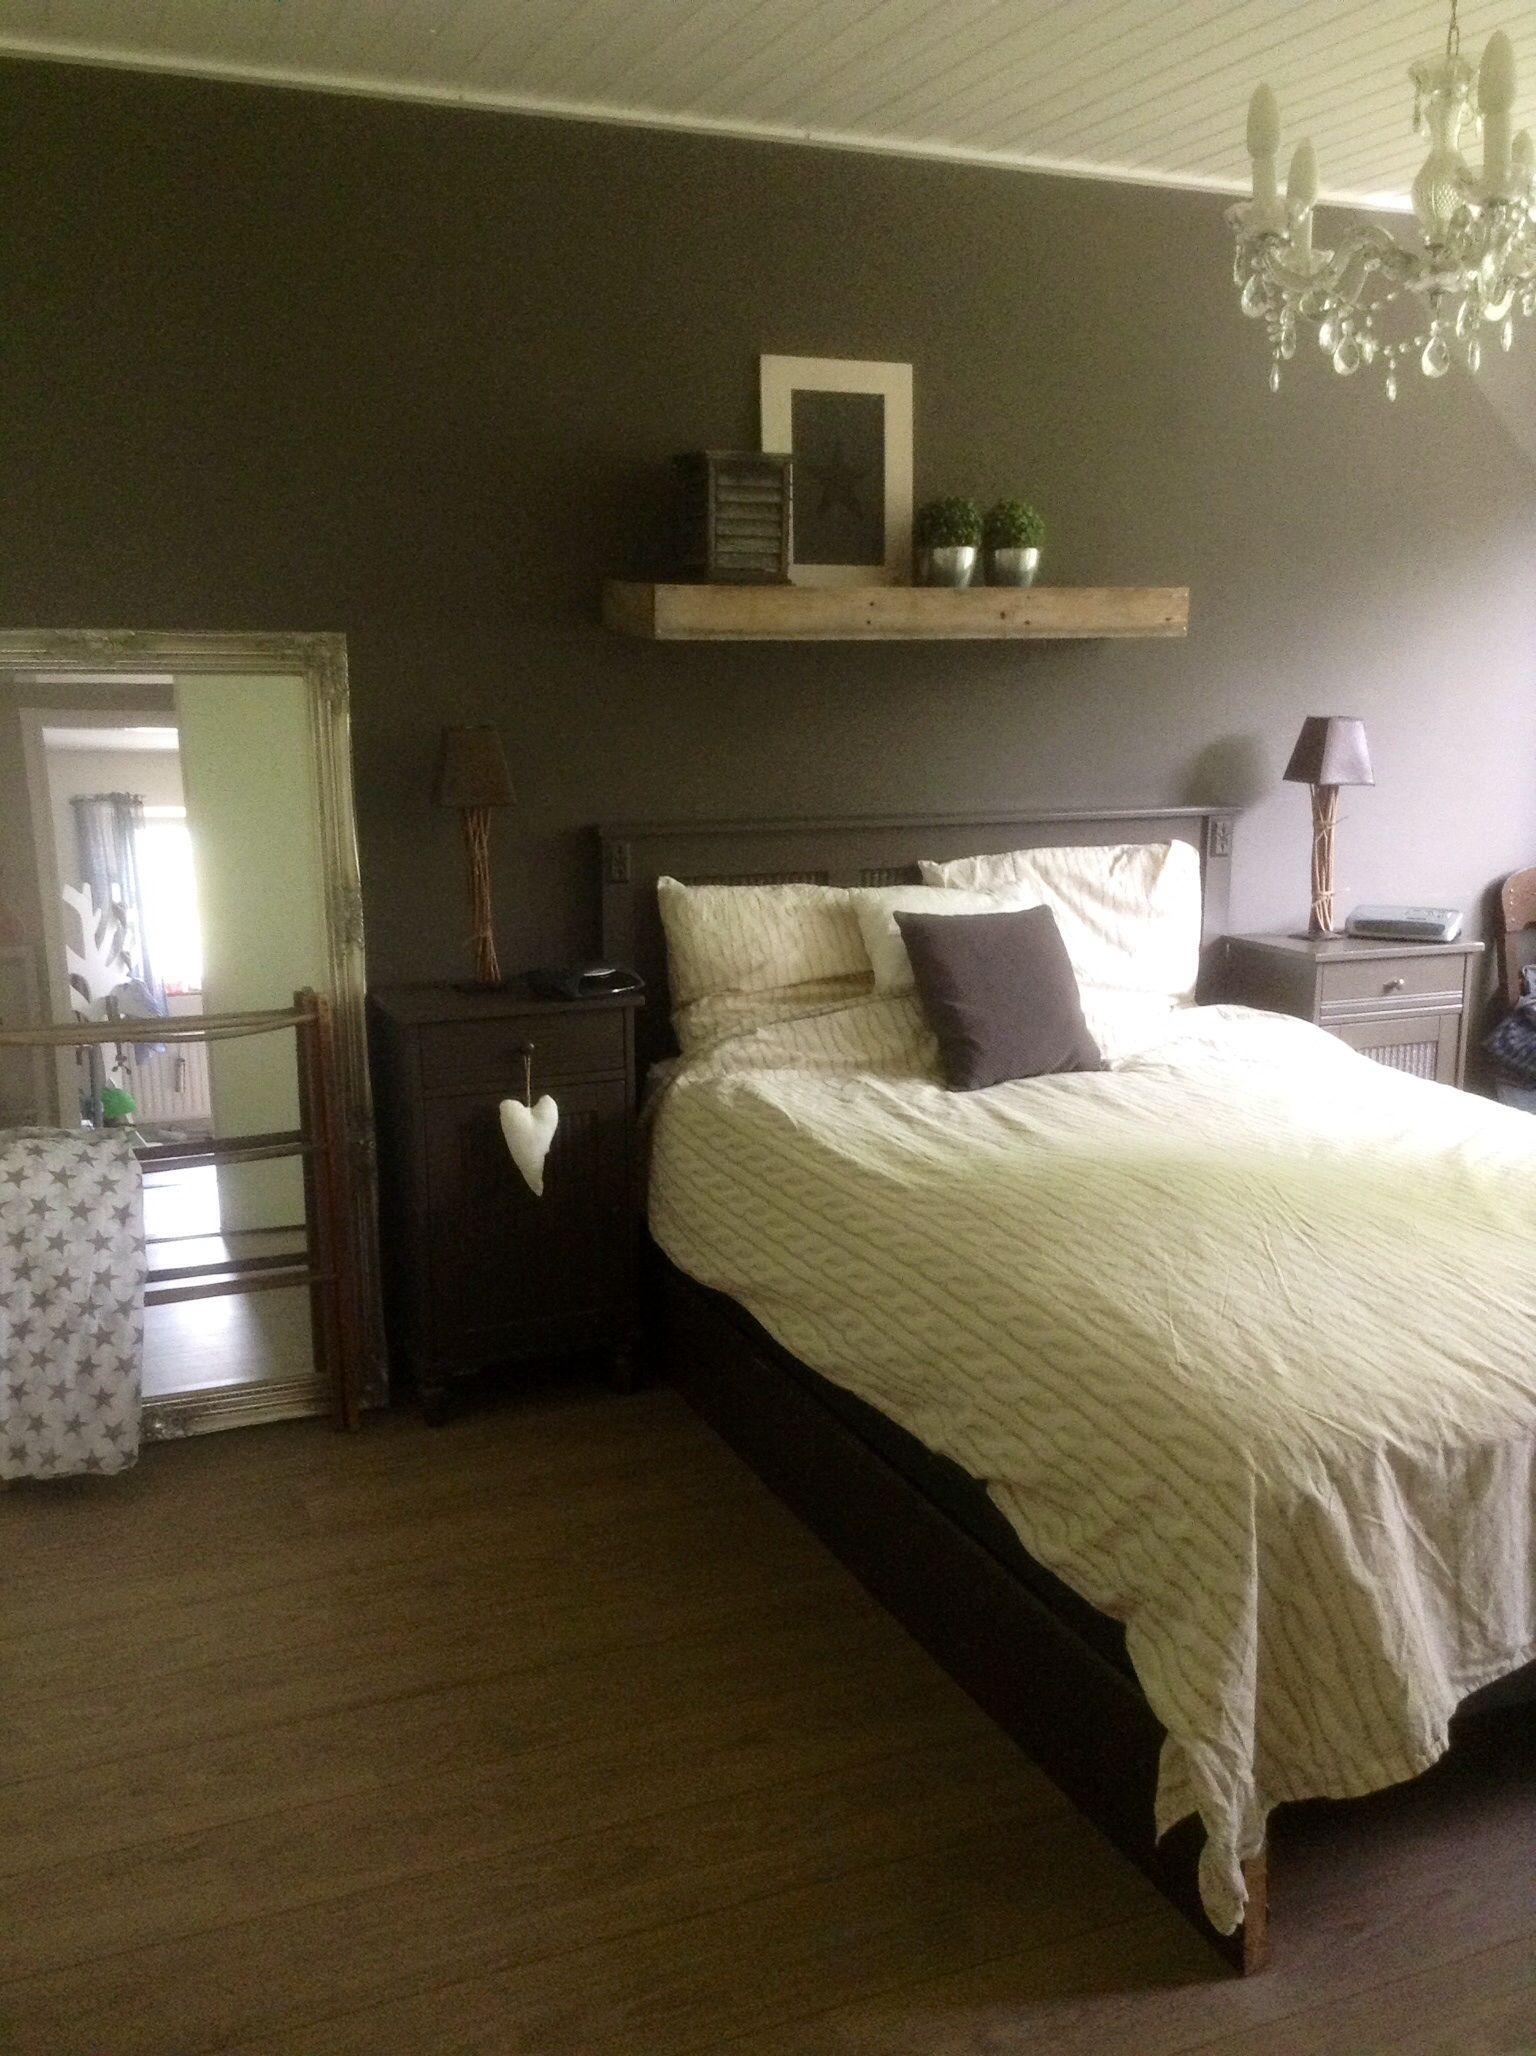 slaapkamer landelijke sfeer - slaapkamer | pinterest - slaapkamer, Deco ideeën